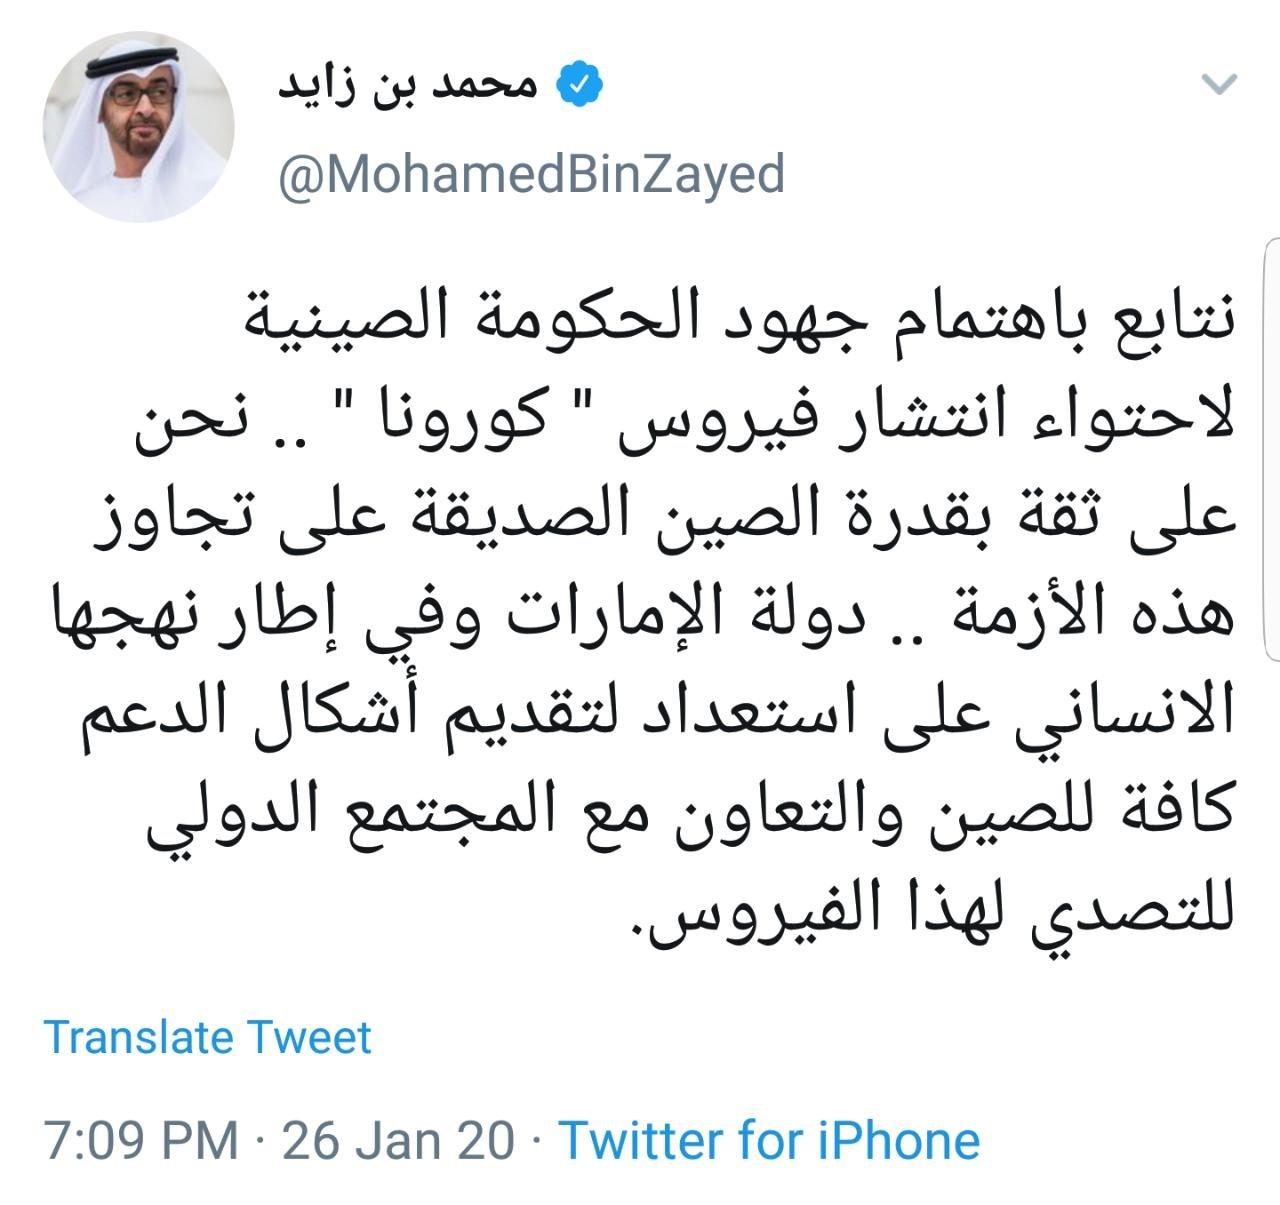 阿联酋阿布扎比王储对中国战胜病毒疫情充满信心